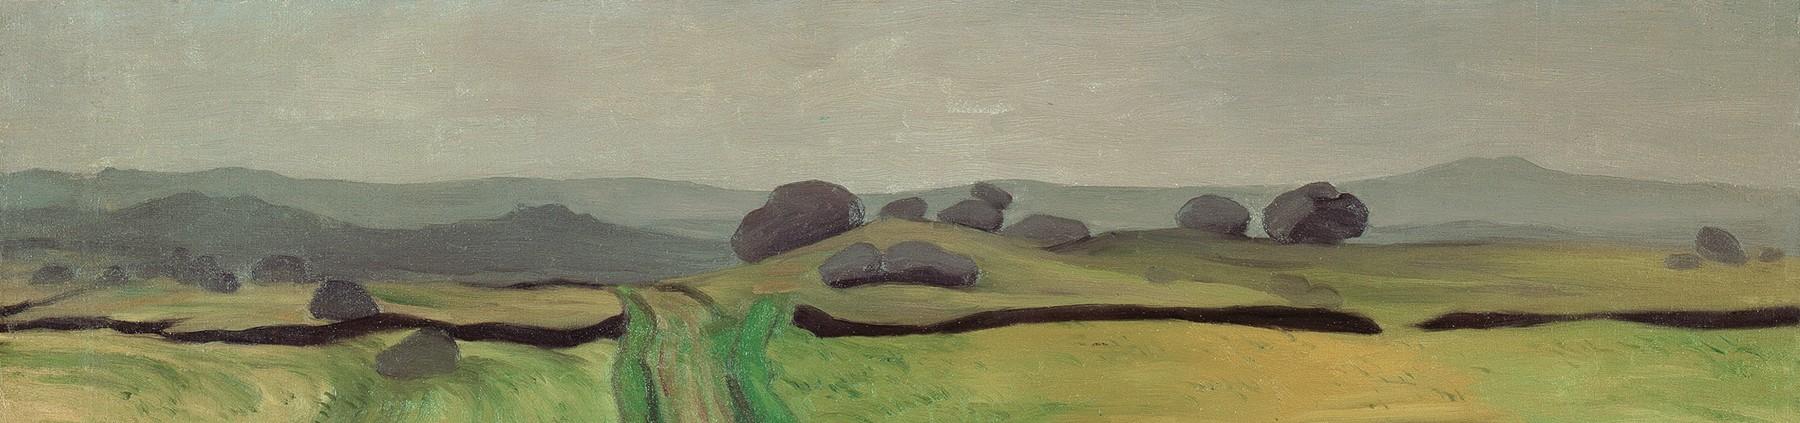 El horizonte en el arte o el arte sin horizontes